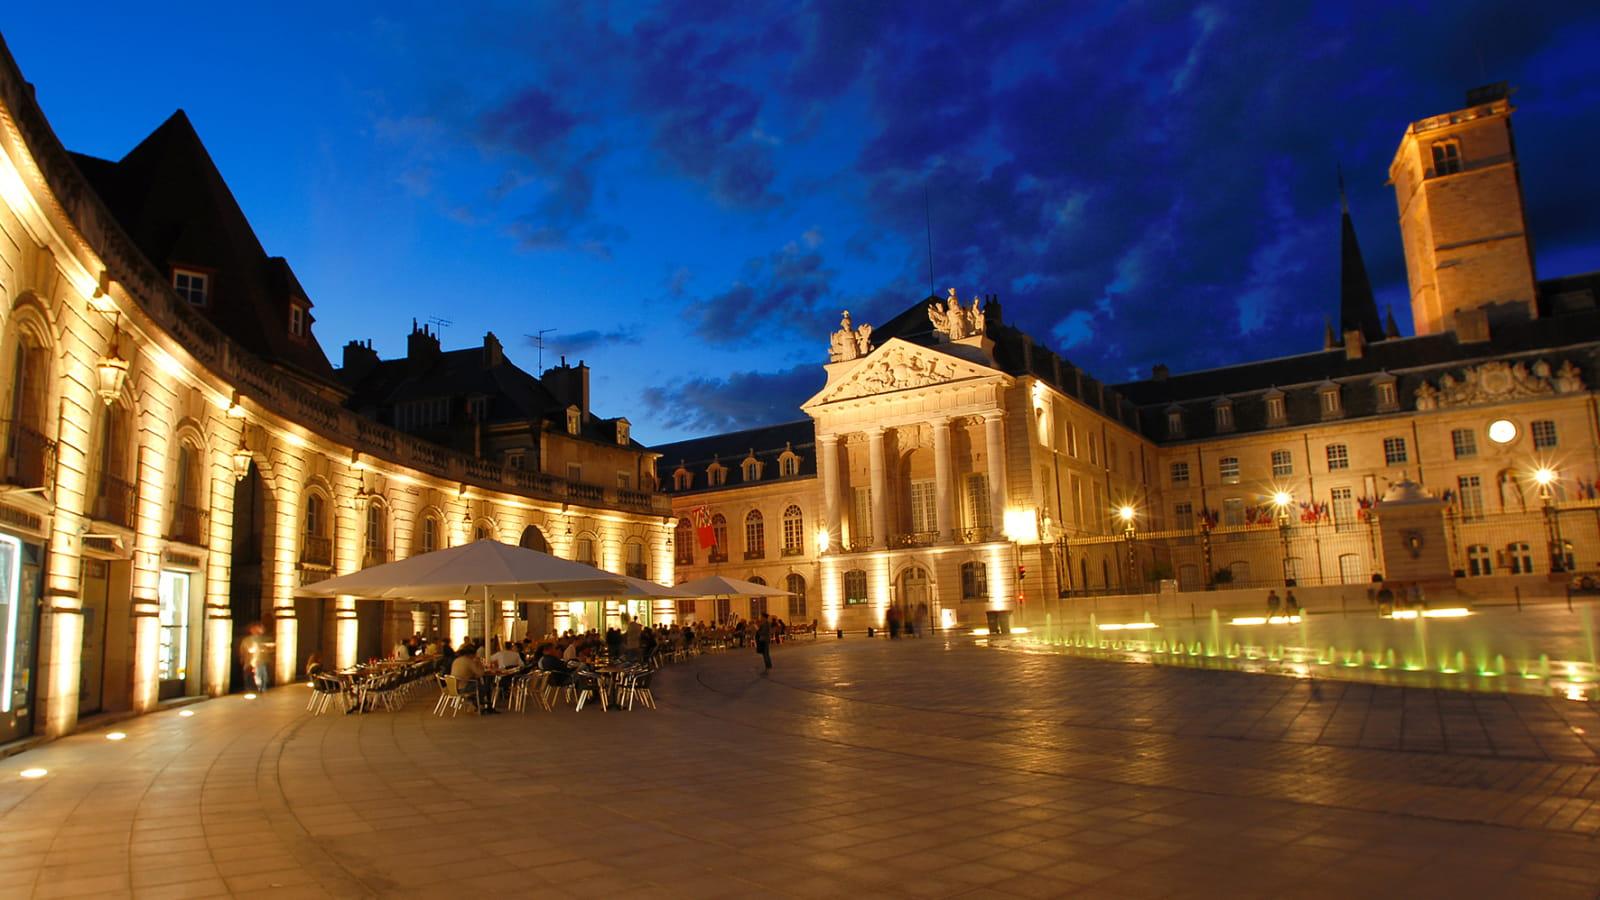 Le Musée des Beaux-Arts de Dijon - Palais des Ducs